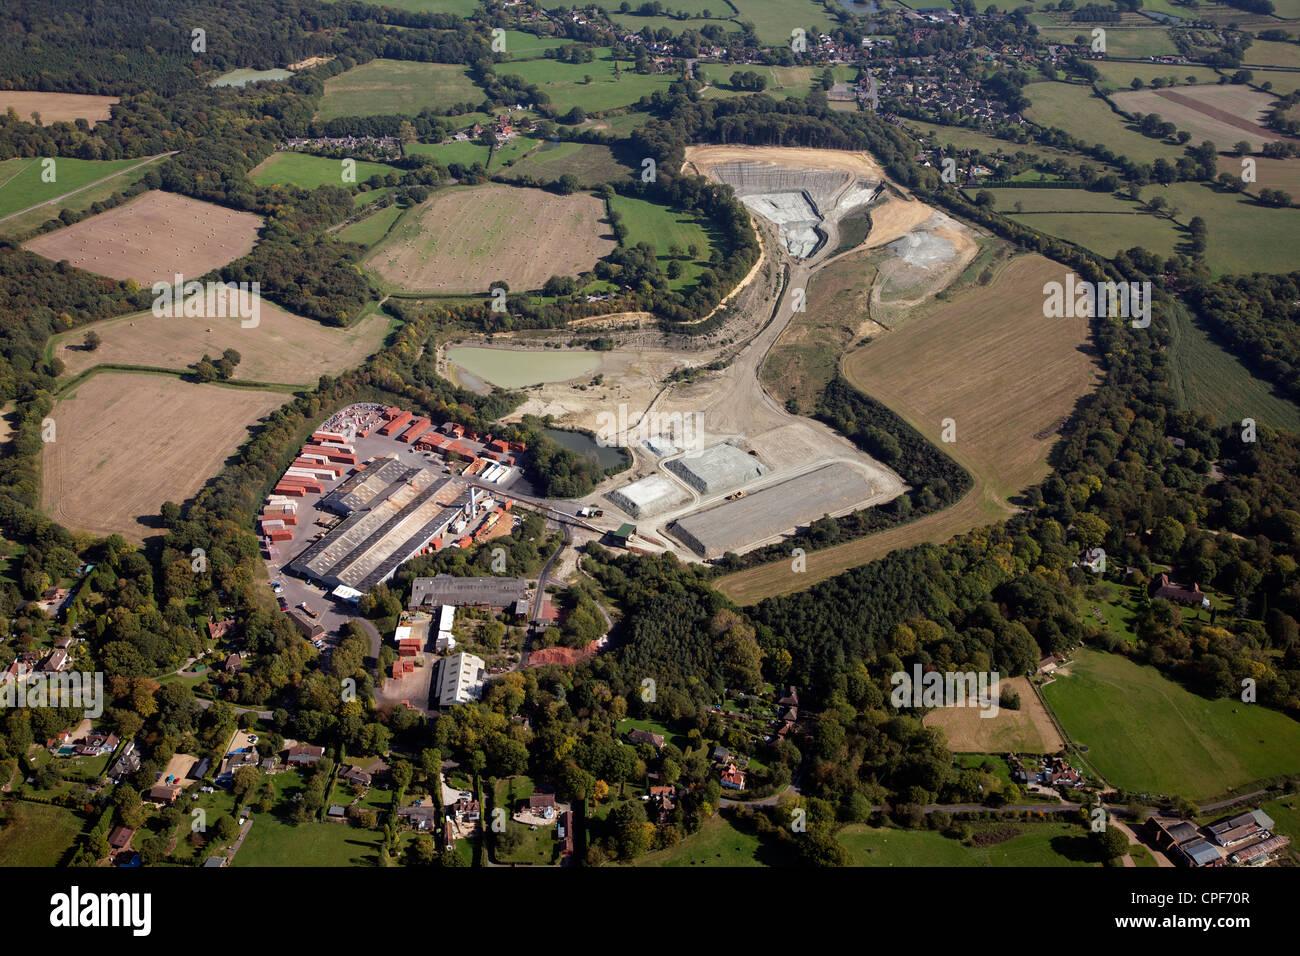 Vista aerea di Ibstock mattone cava a Newdigate in Surrey Immagini Stock